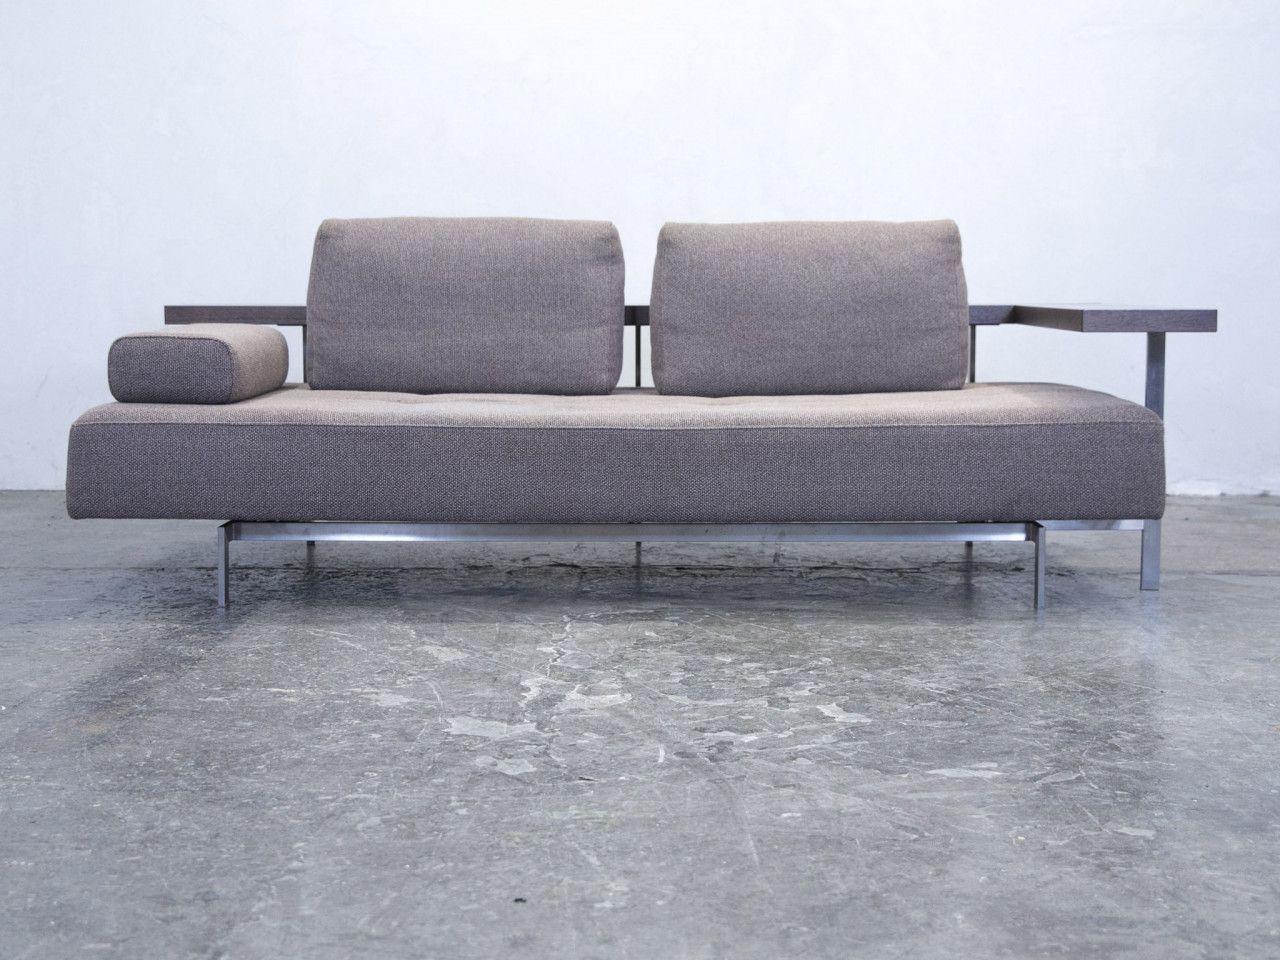 Rolf Benz Dono 6100 Designer Sofa Grau Stoff Zweisitzer Funktion Couch  Modern Strukturstoff #3726